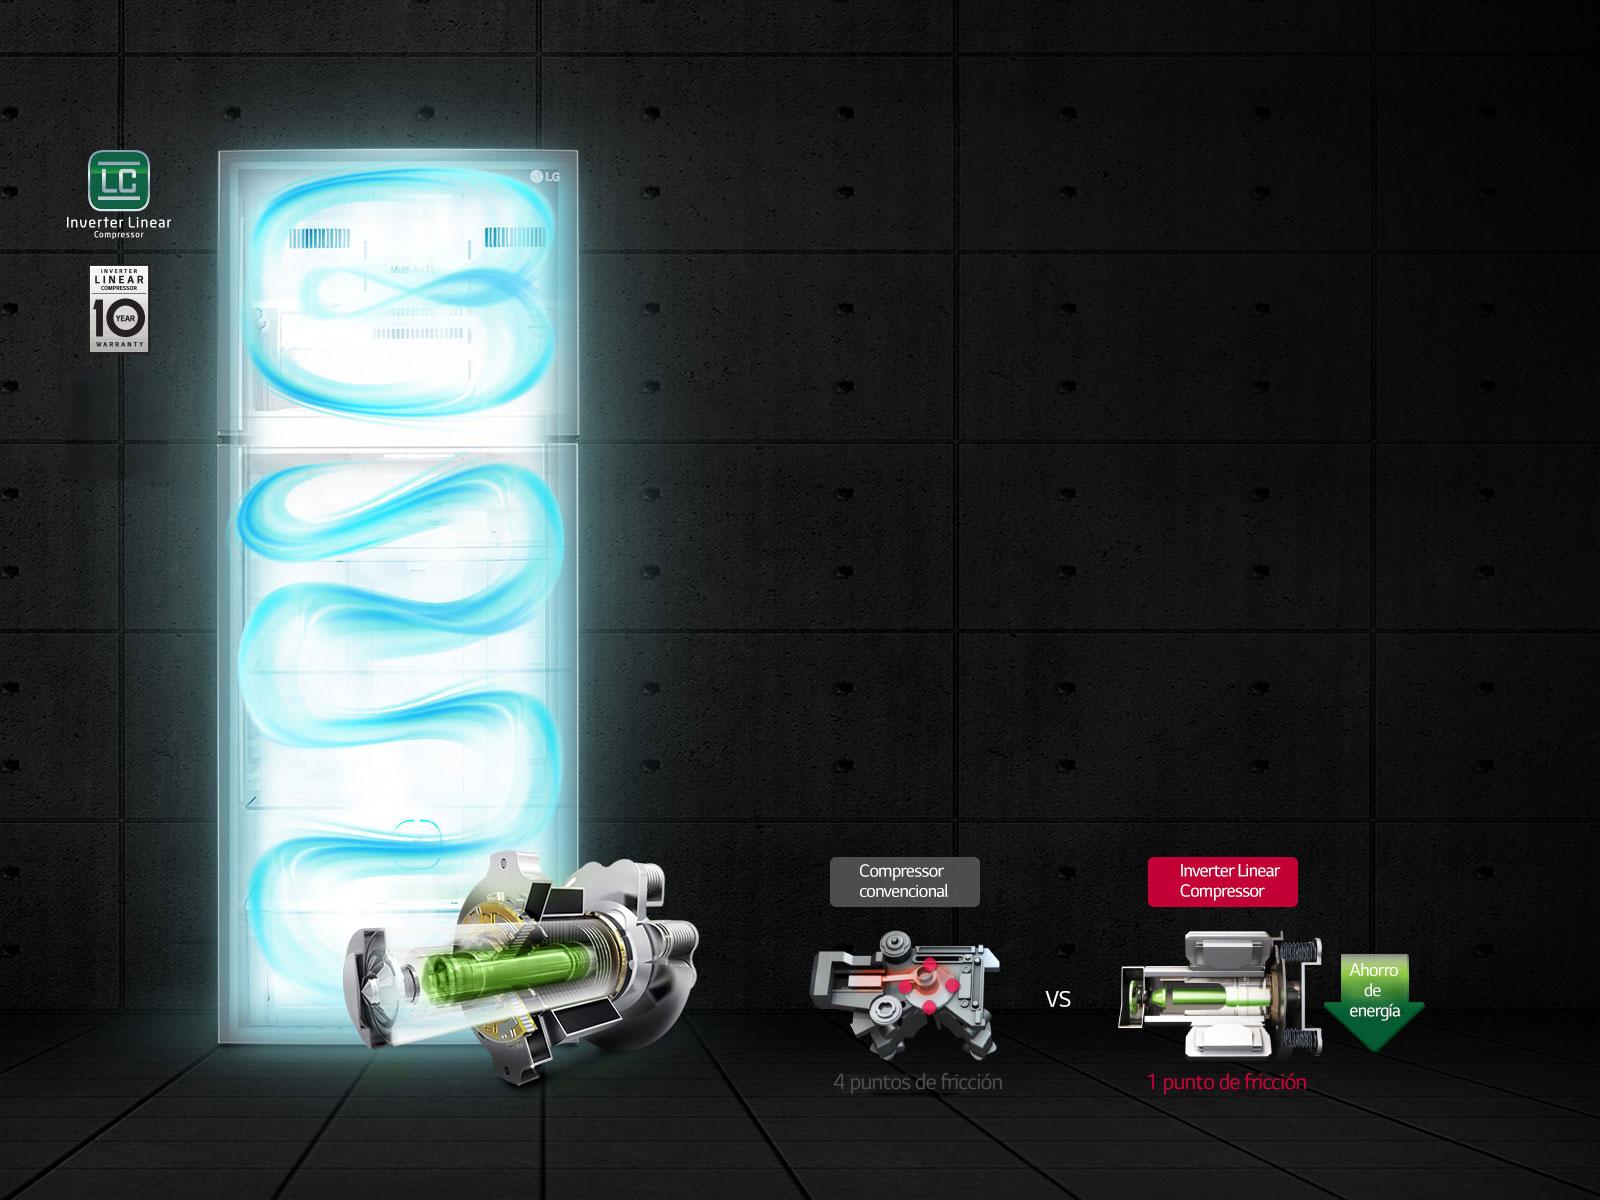 Ahorro de energía eficiente<br>3